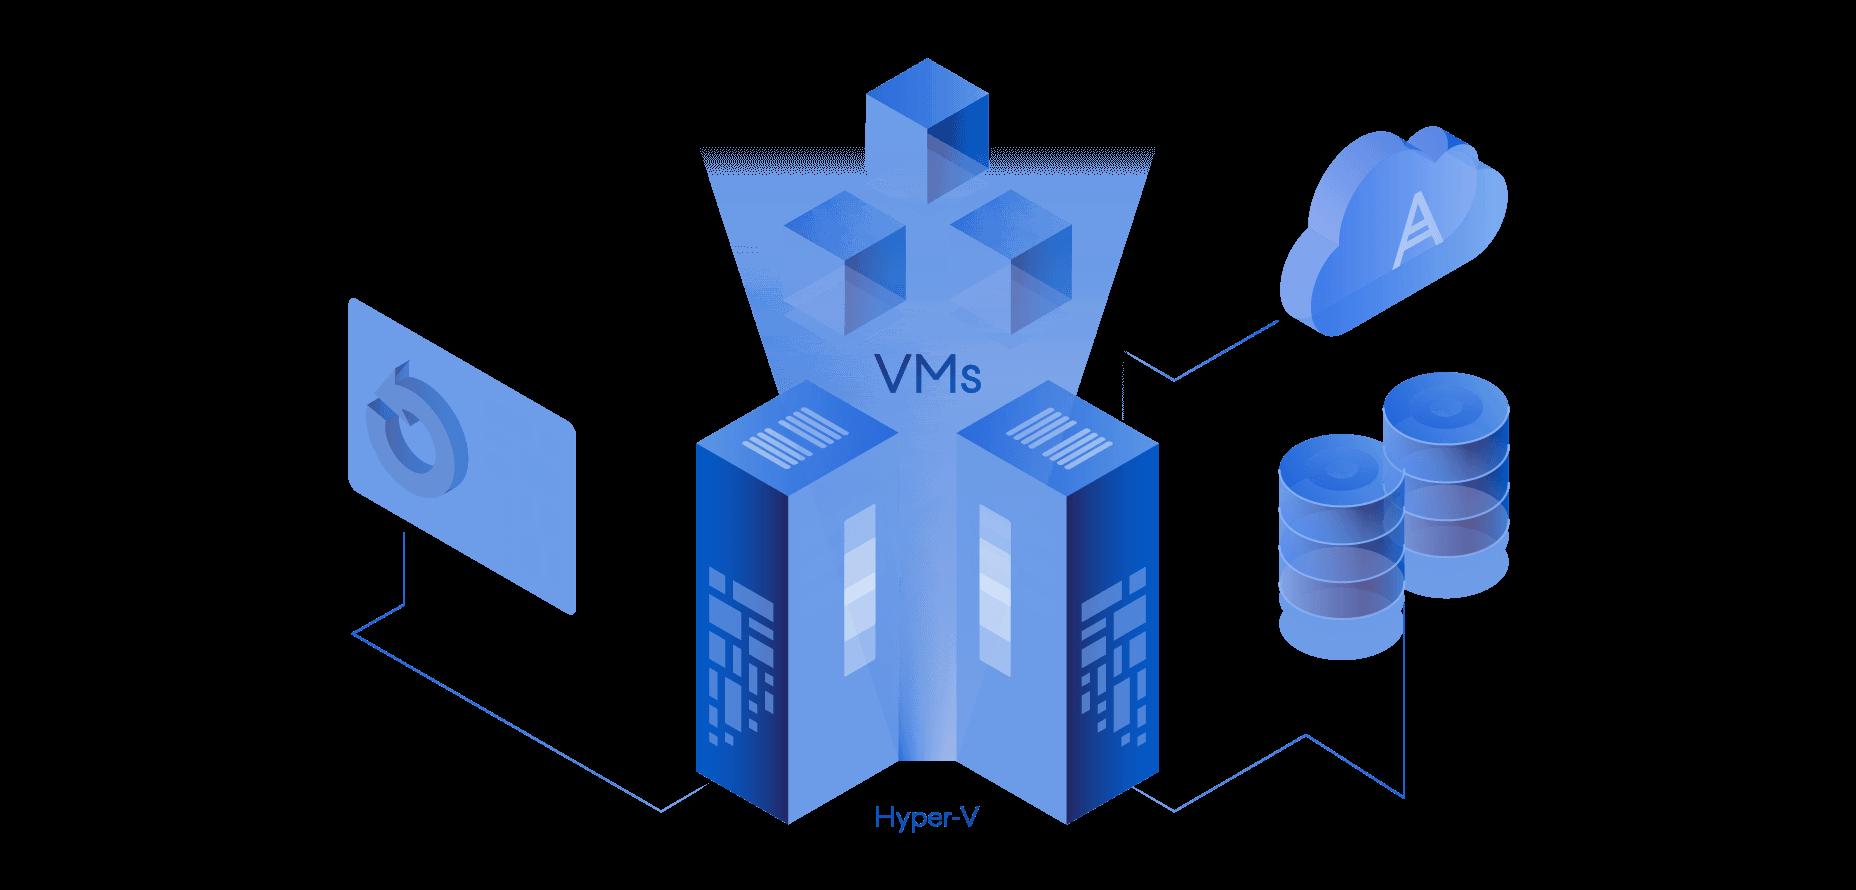 بررسی معماری ساختار مجازی با Hyper-V